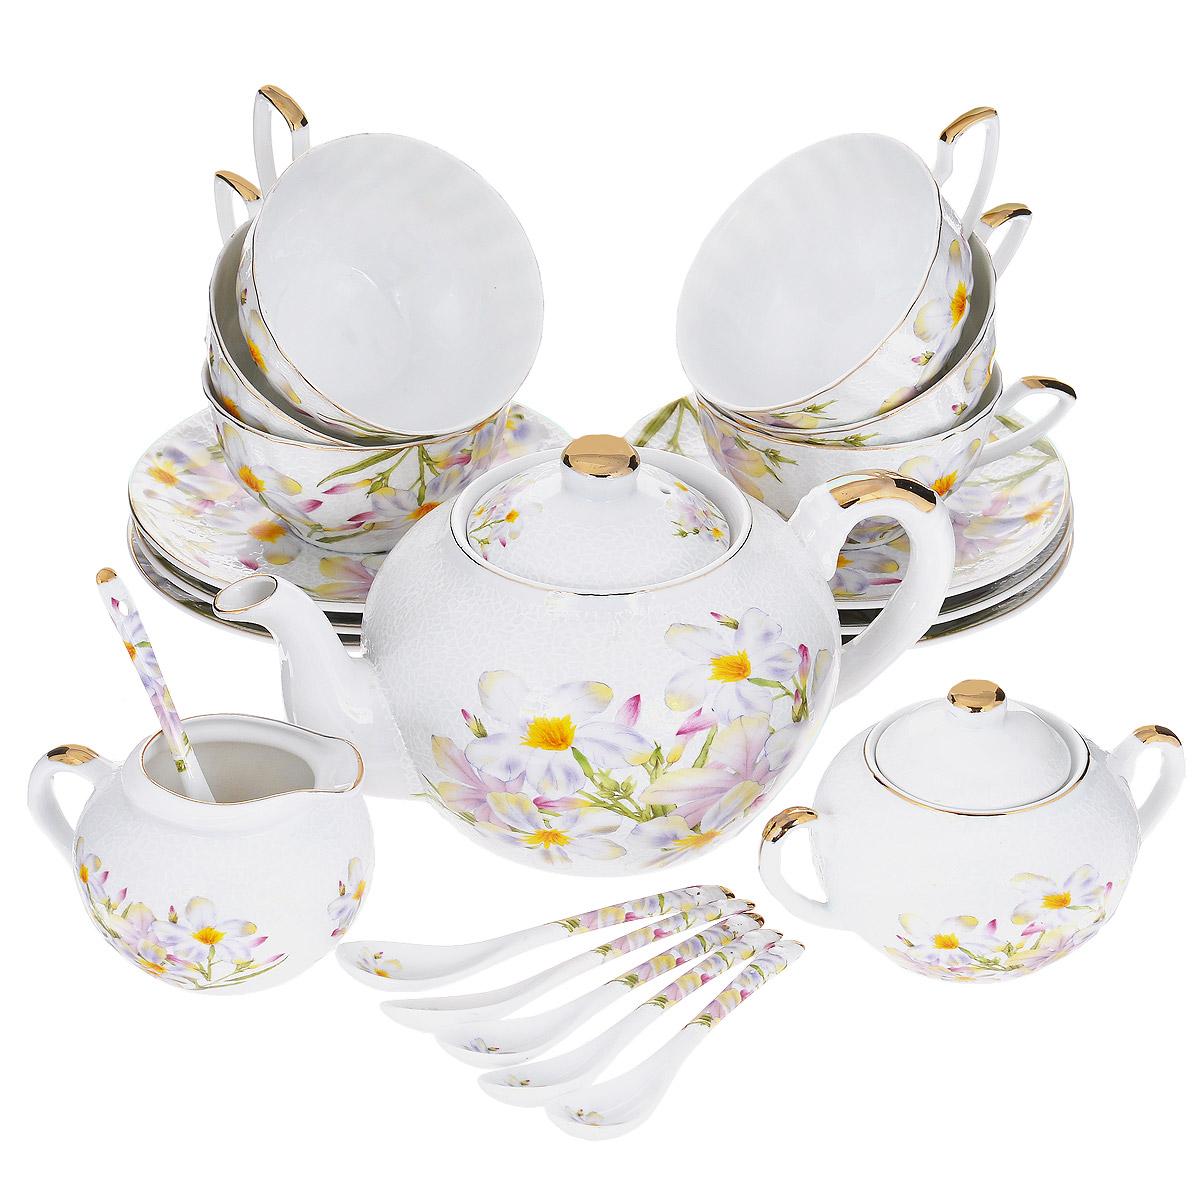 Сервиз чайный Briswild Белые нарциссы, 21 предмет. 545-689545-689Чайный сервиз Briswild Белые нарциссы состоит из шести чашек, шести блюдец, шести чайных ложек, чайника с крышкой, сахарницы с крышкой и молочника. Изделия выполнены из высококачественного фарфора и оформлены цветочным рисунком, изящным рельефом и золотистой эмалью. Чайный сервиз великолепно украсит стол к чаепитию и удивит вас и ваших гостей ярким дизайном и практичностью. Не использовать в микроволновой печи, не применять абразивные моющие средства.